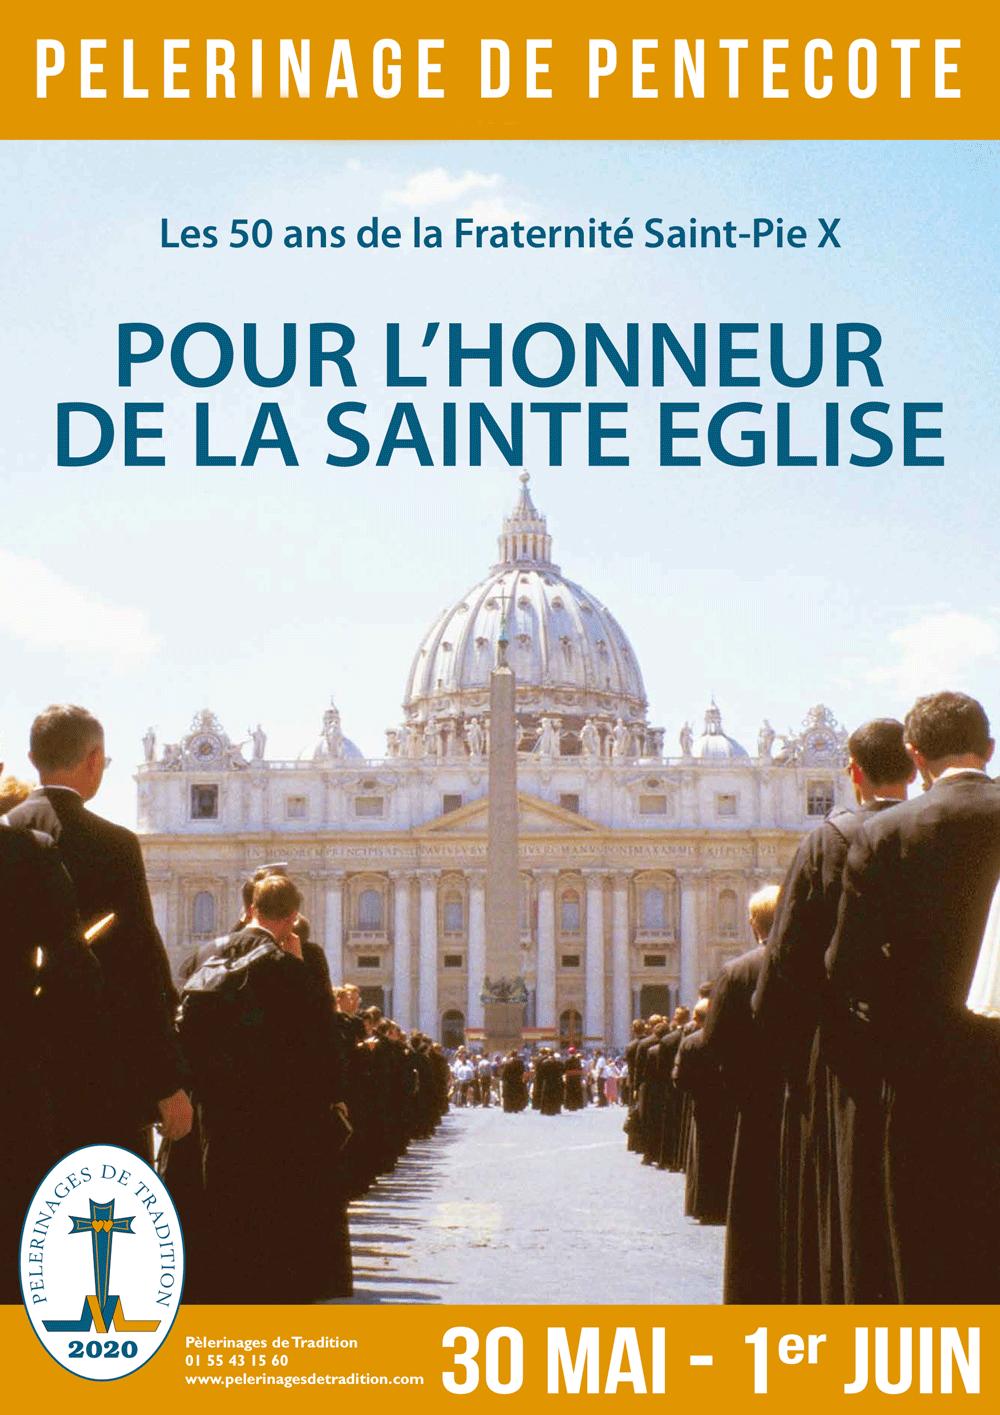 Faire le pèlerinage de Pentecôte en 2020